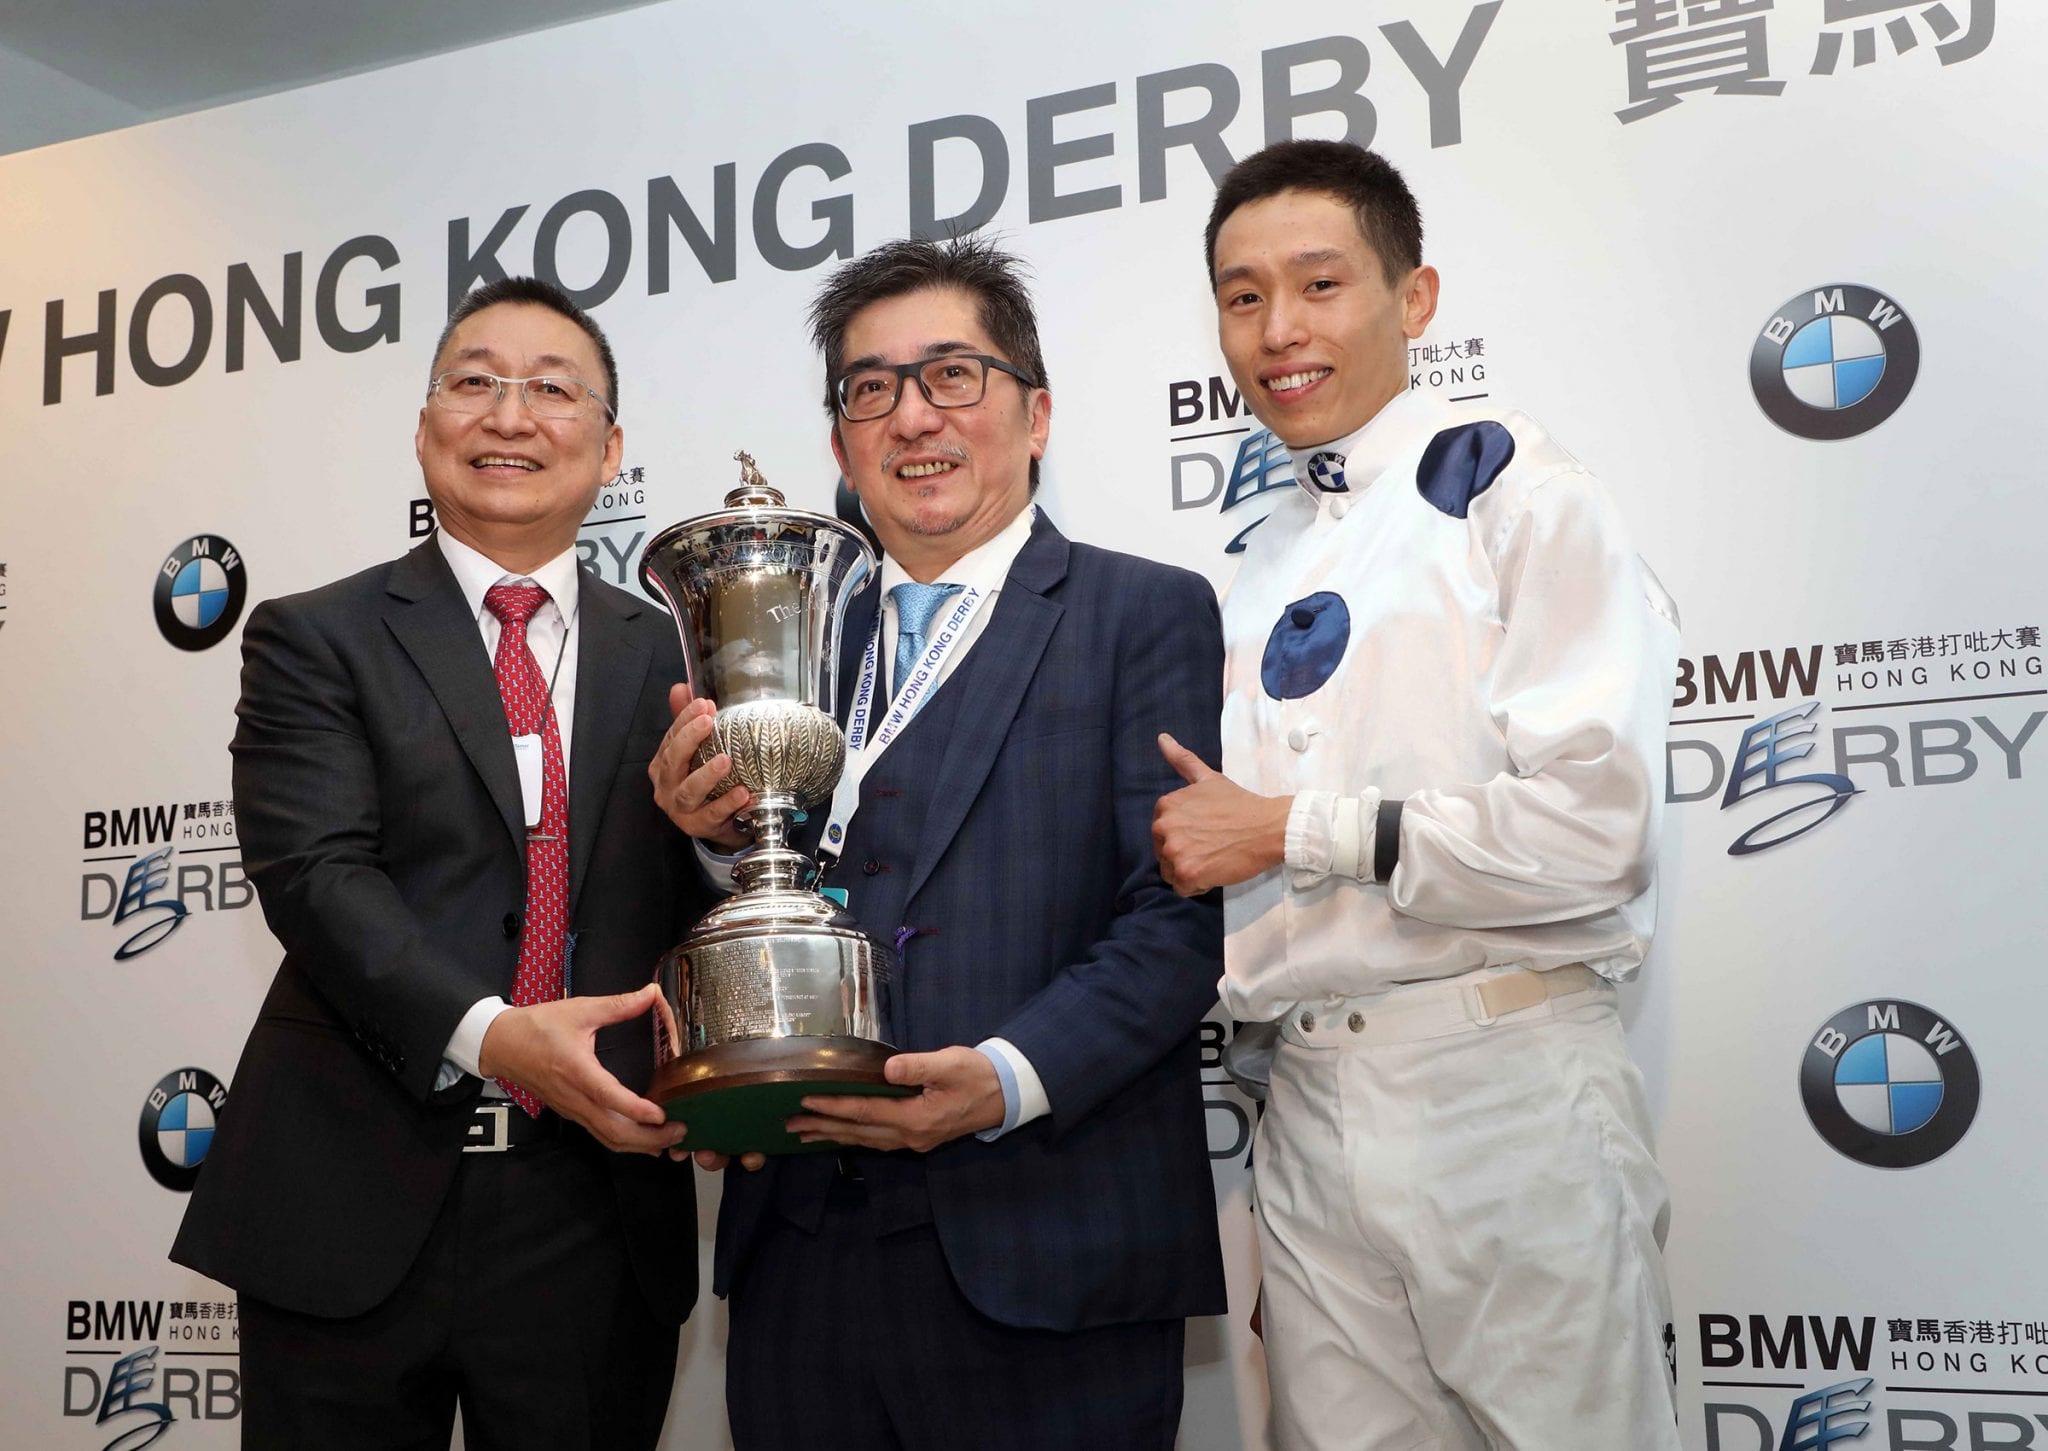 Hong Kong Derby